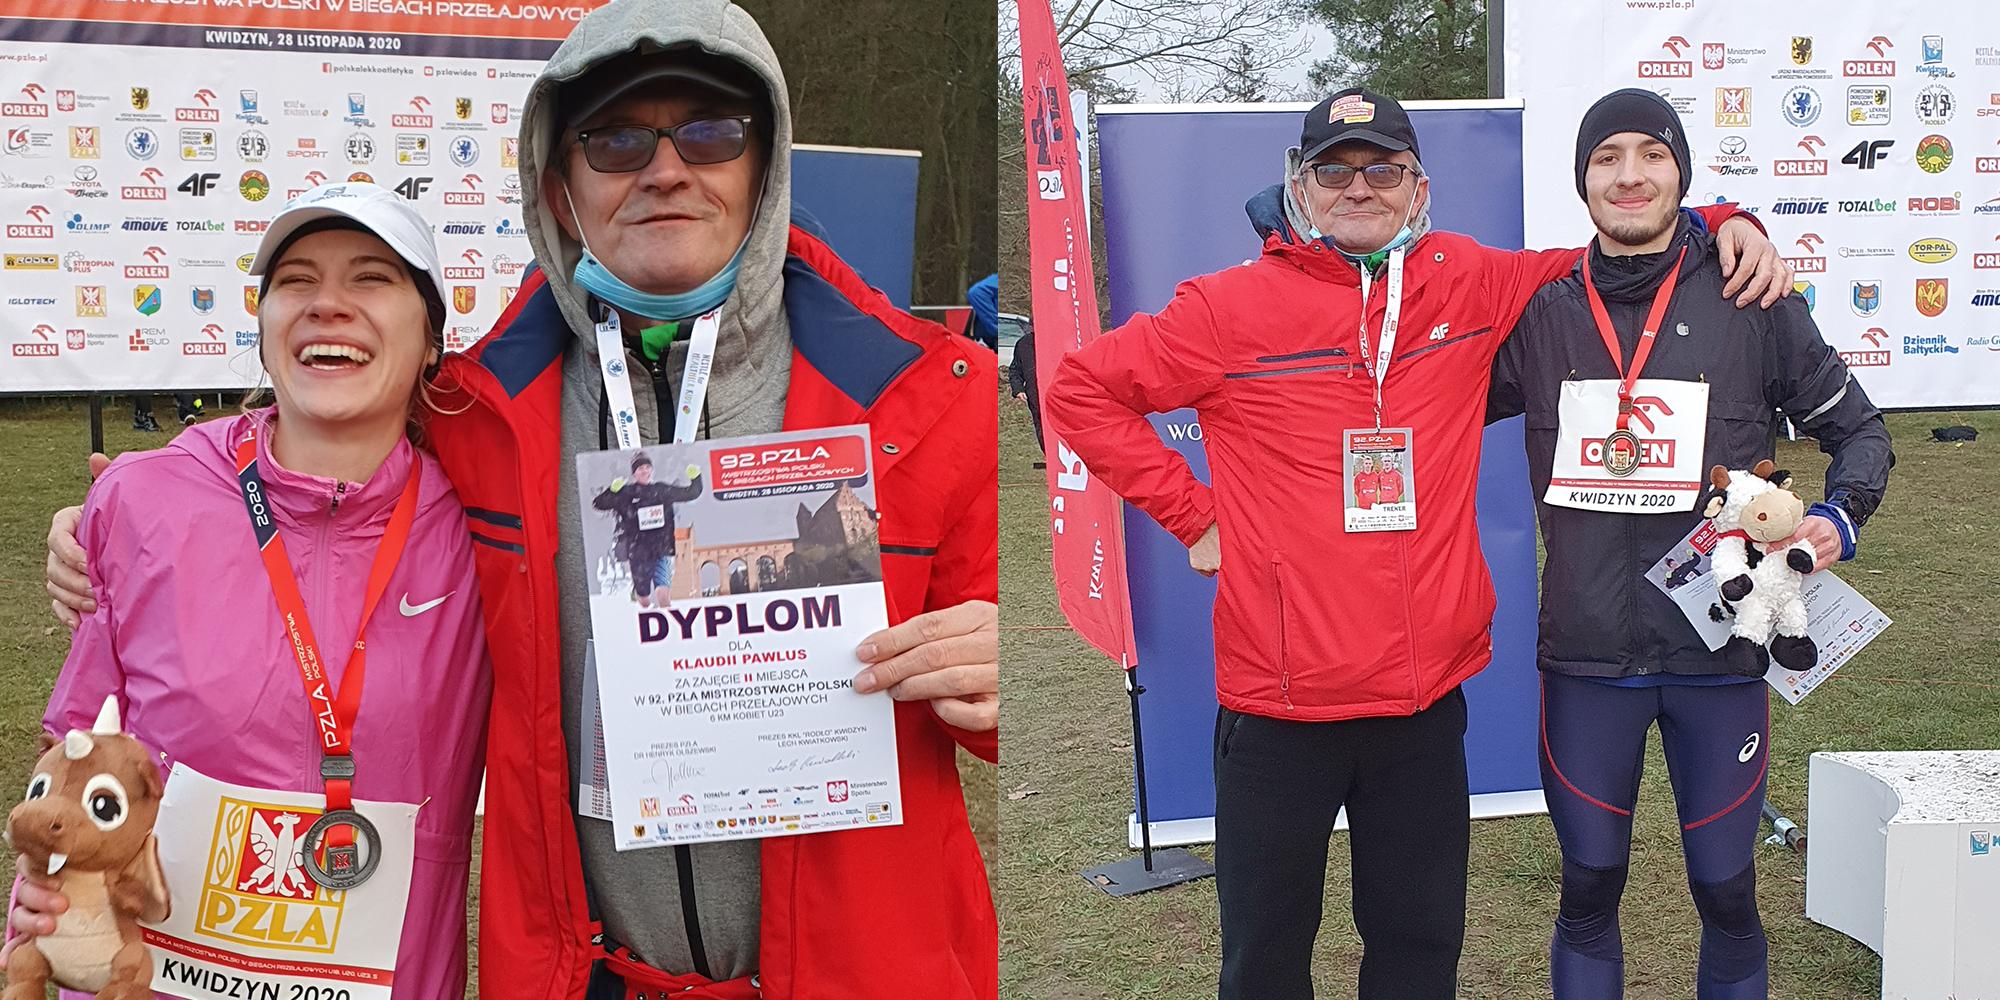 mlodziezowe-mistrzostwa-polski-w-biegach-na-przelaj-kwidzyn-28-11-2020